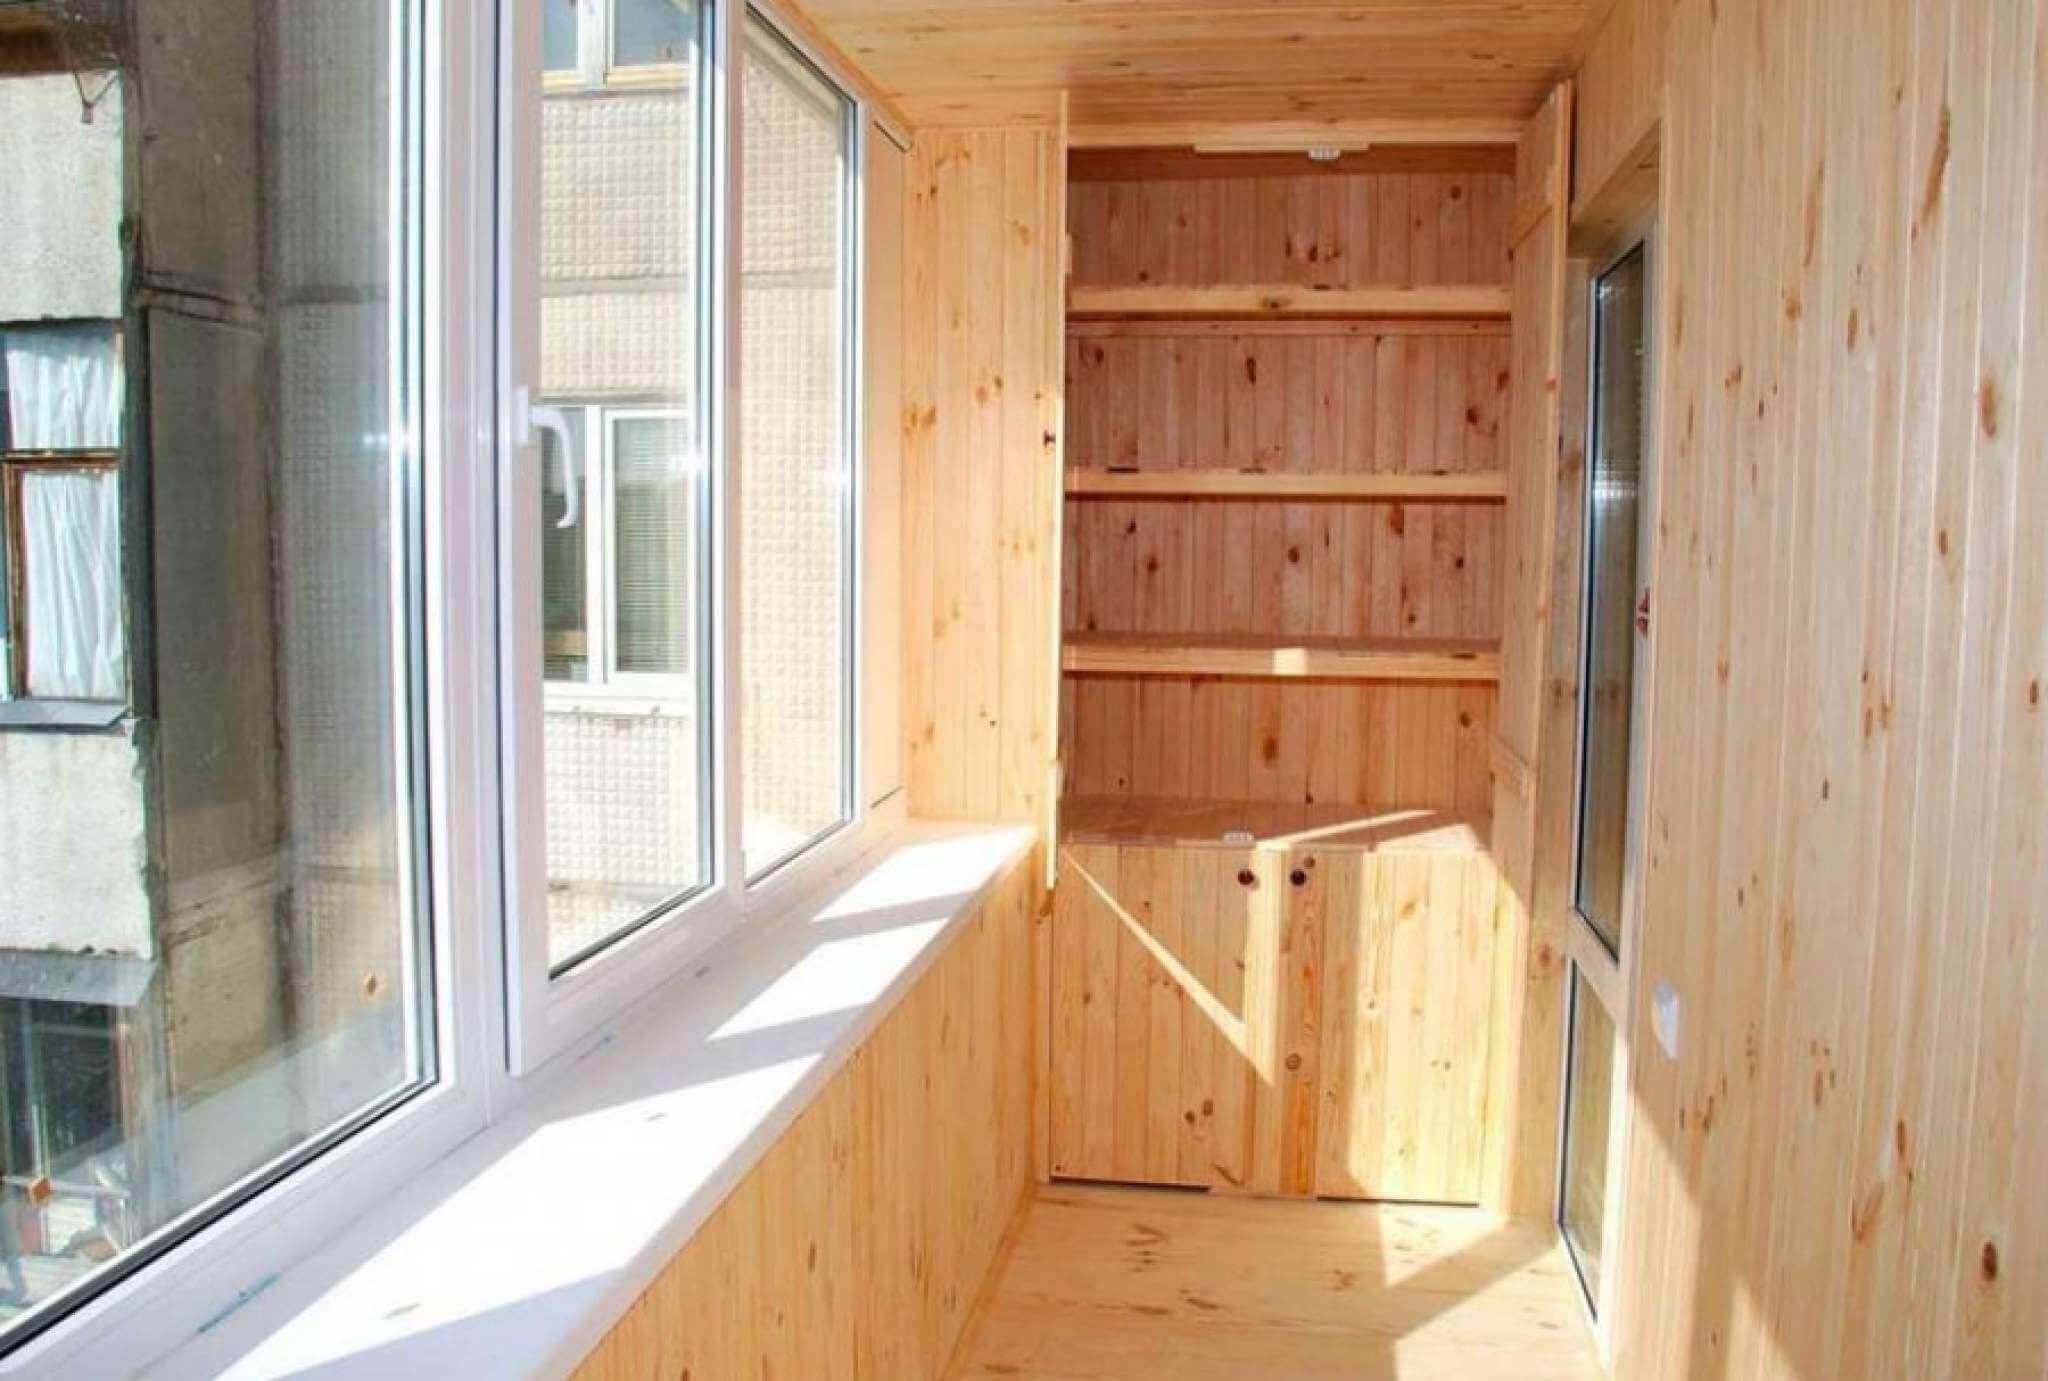 Остекление и утепление балконов, отделка лоджии: технология .